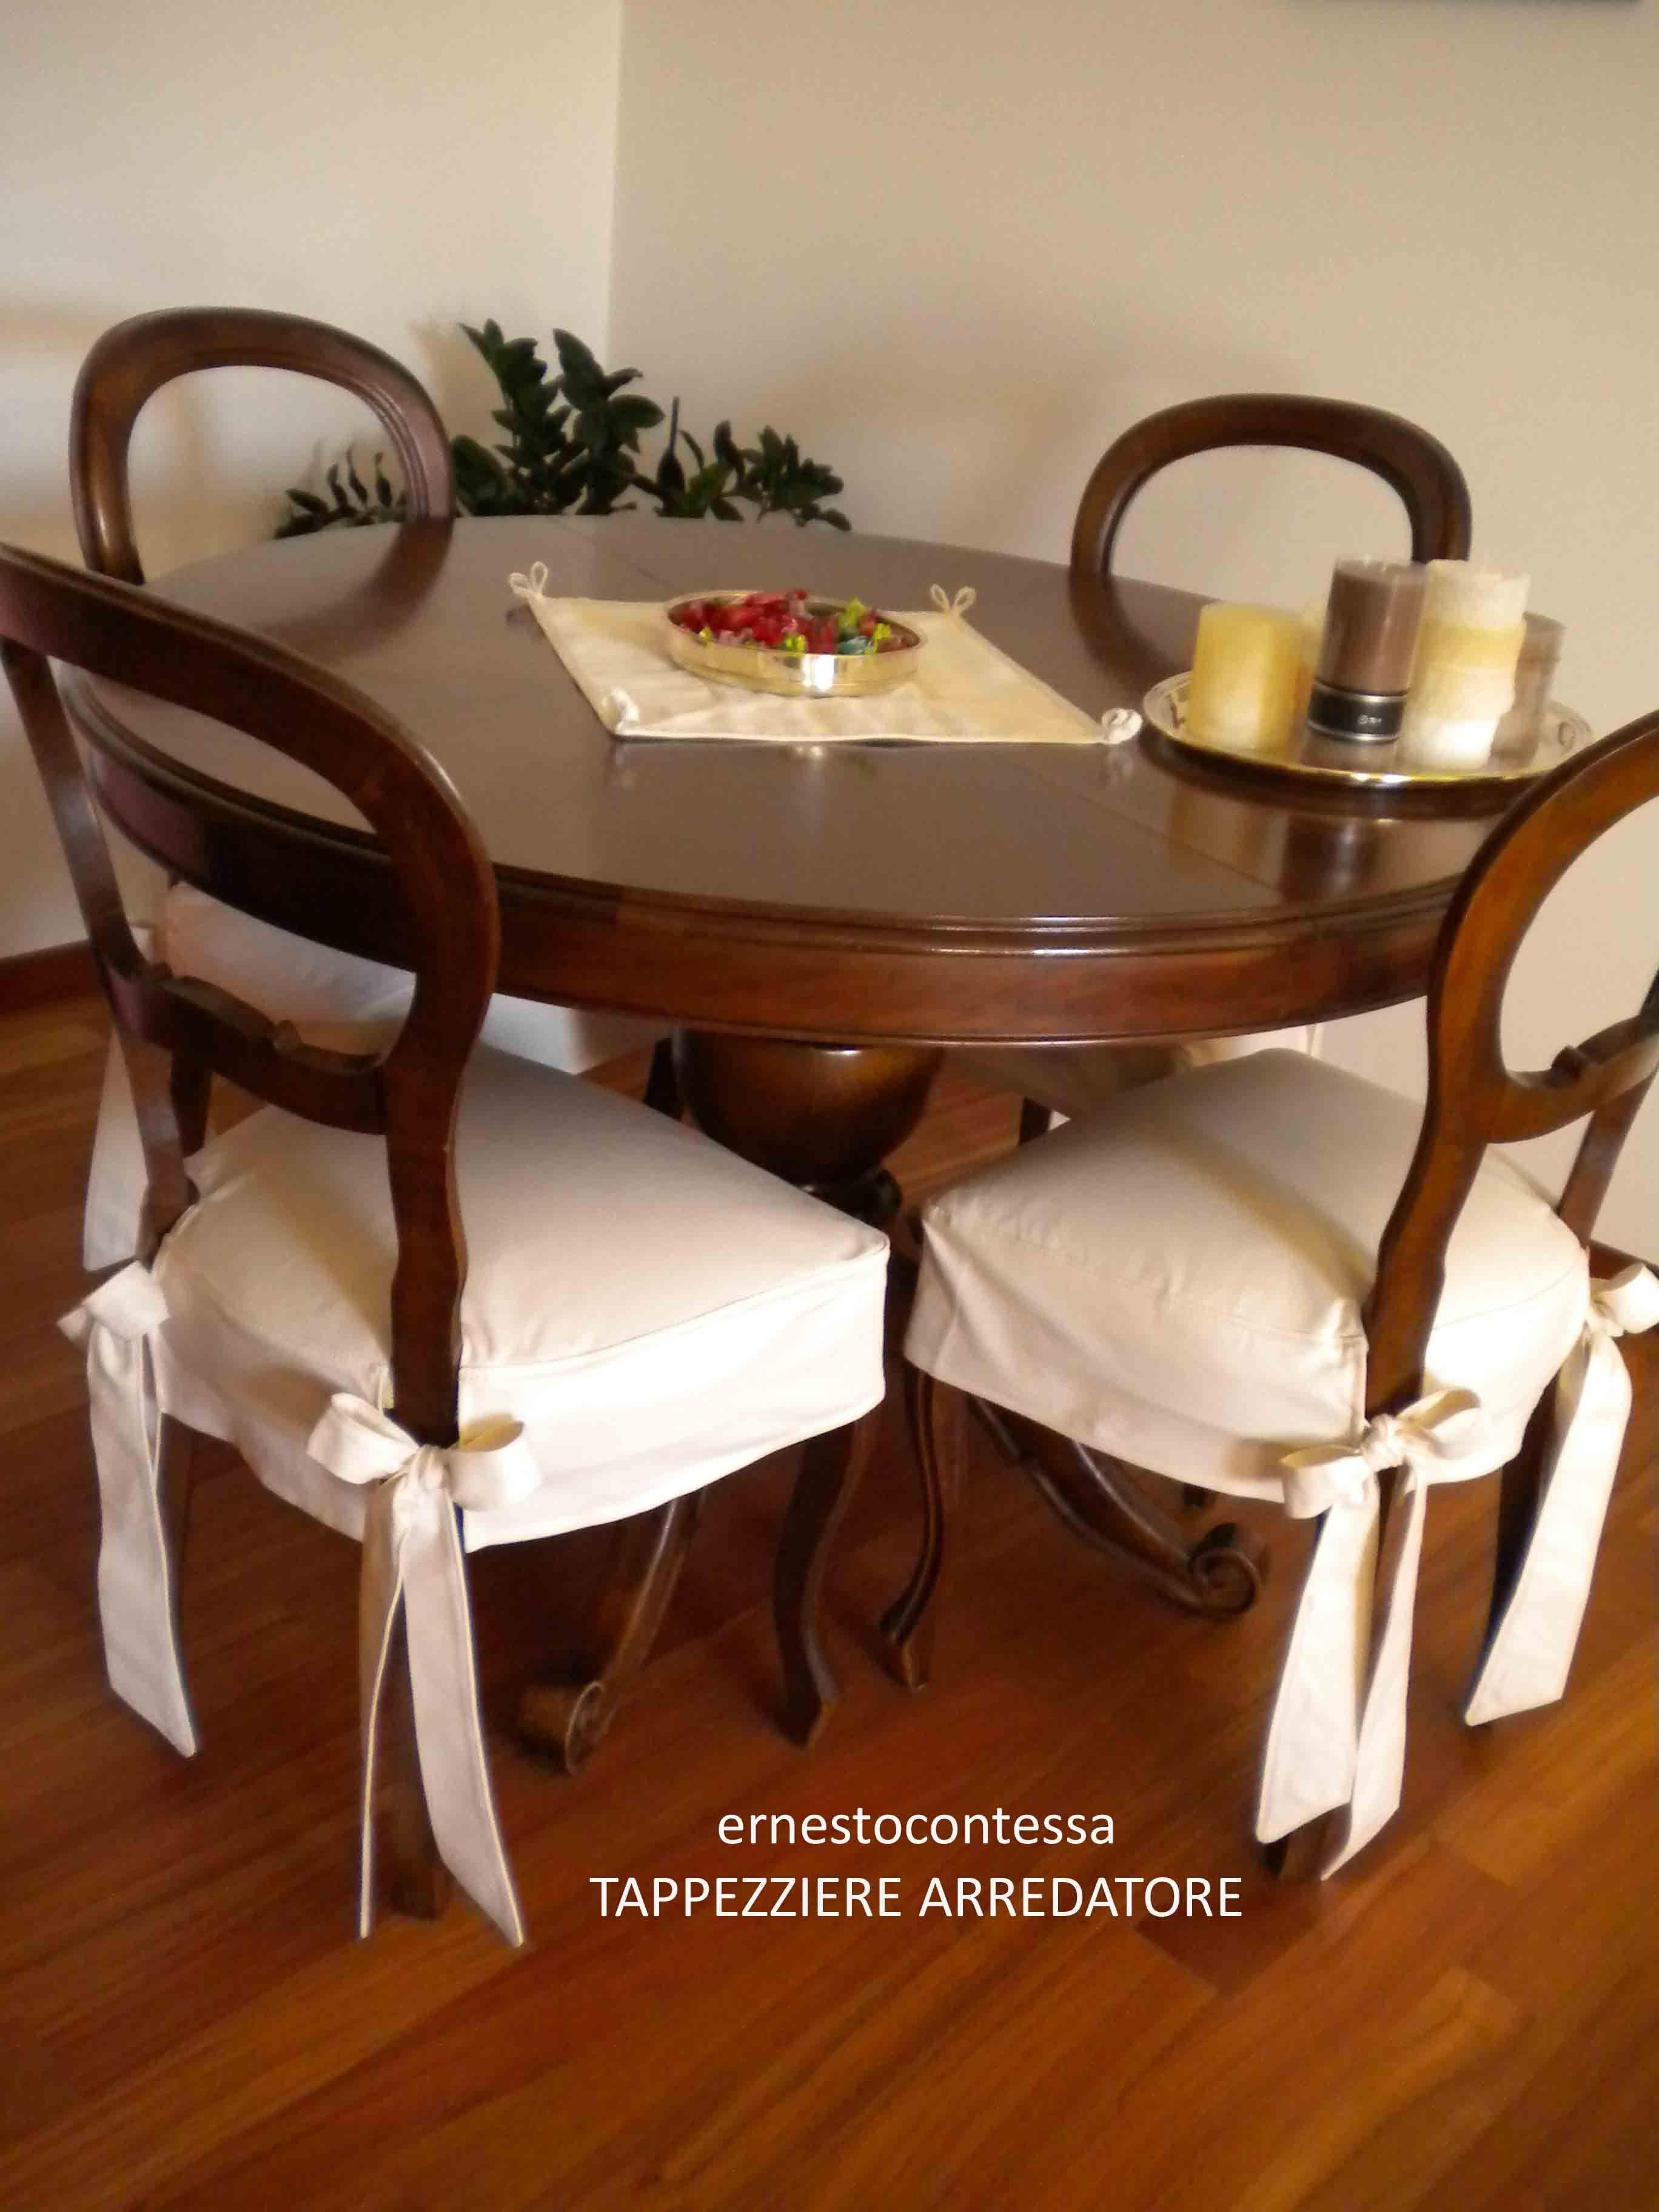 Coprisedia con fiocco elegante soluzione per usare sedia anche pranzo e poter lavare poi il